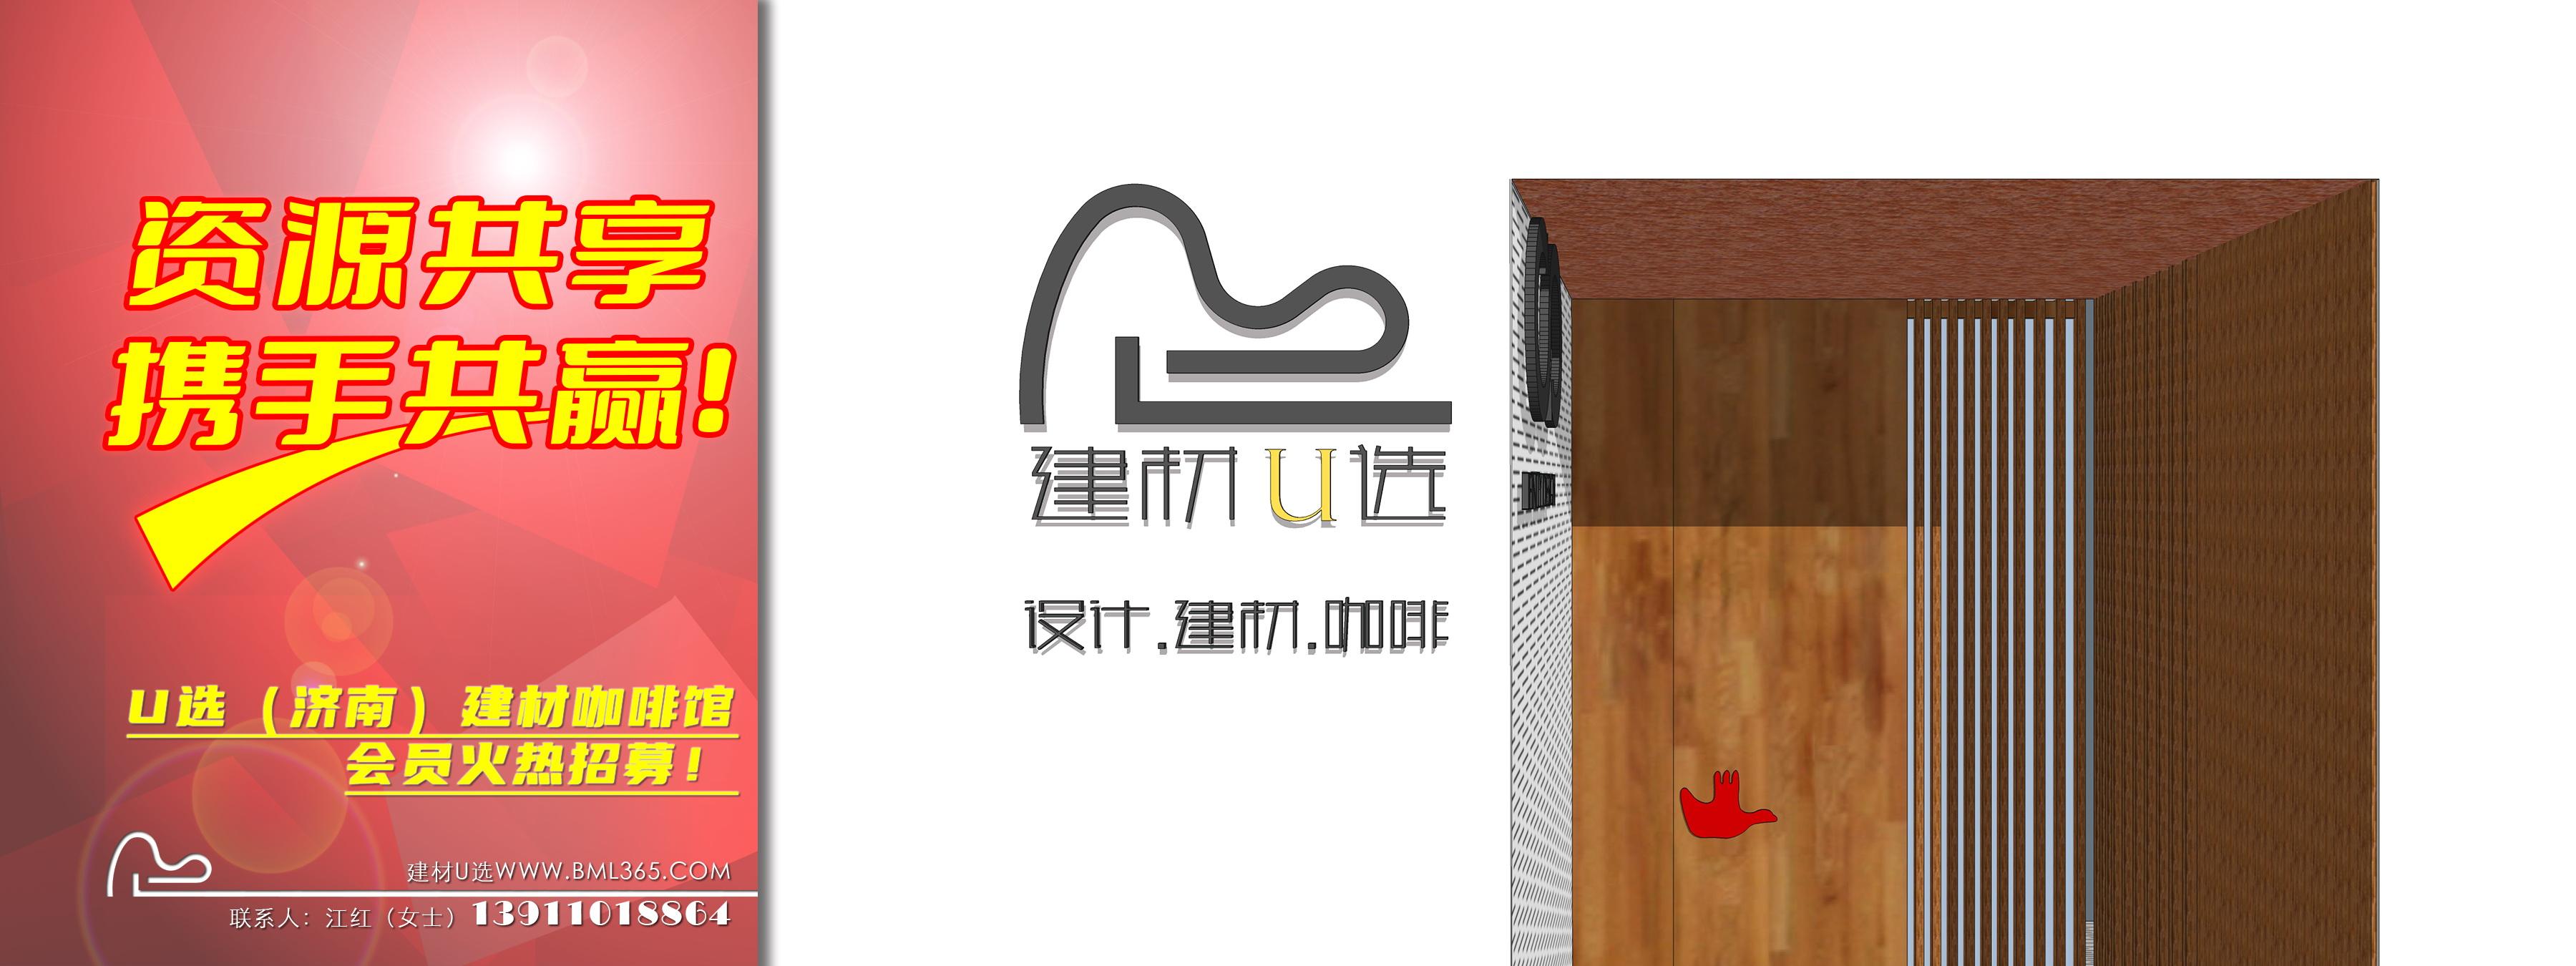 资源共享!合作共赢!——U选(济南)建材咖啡馆招募合作企业